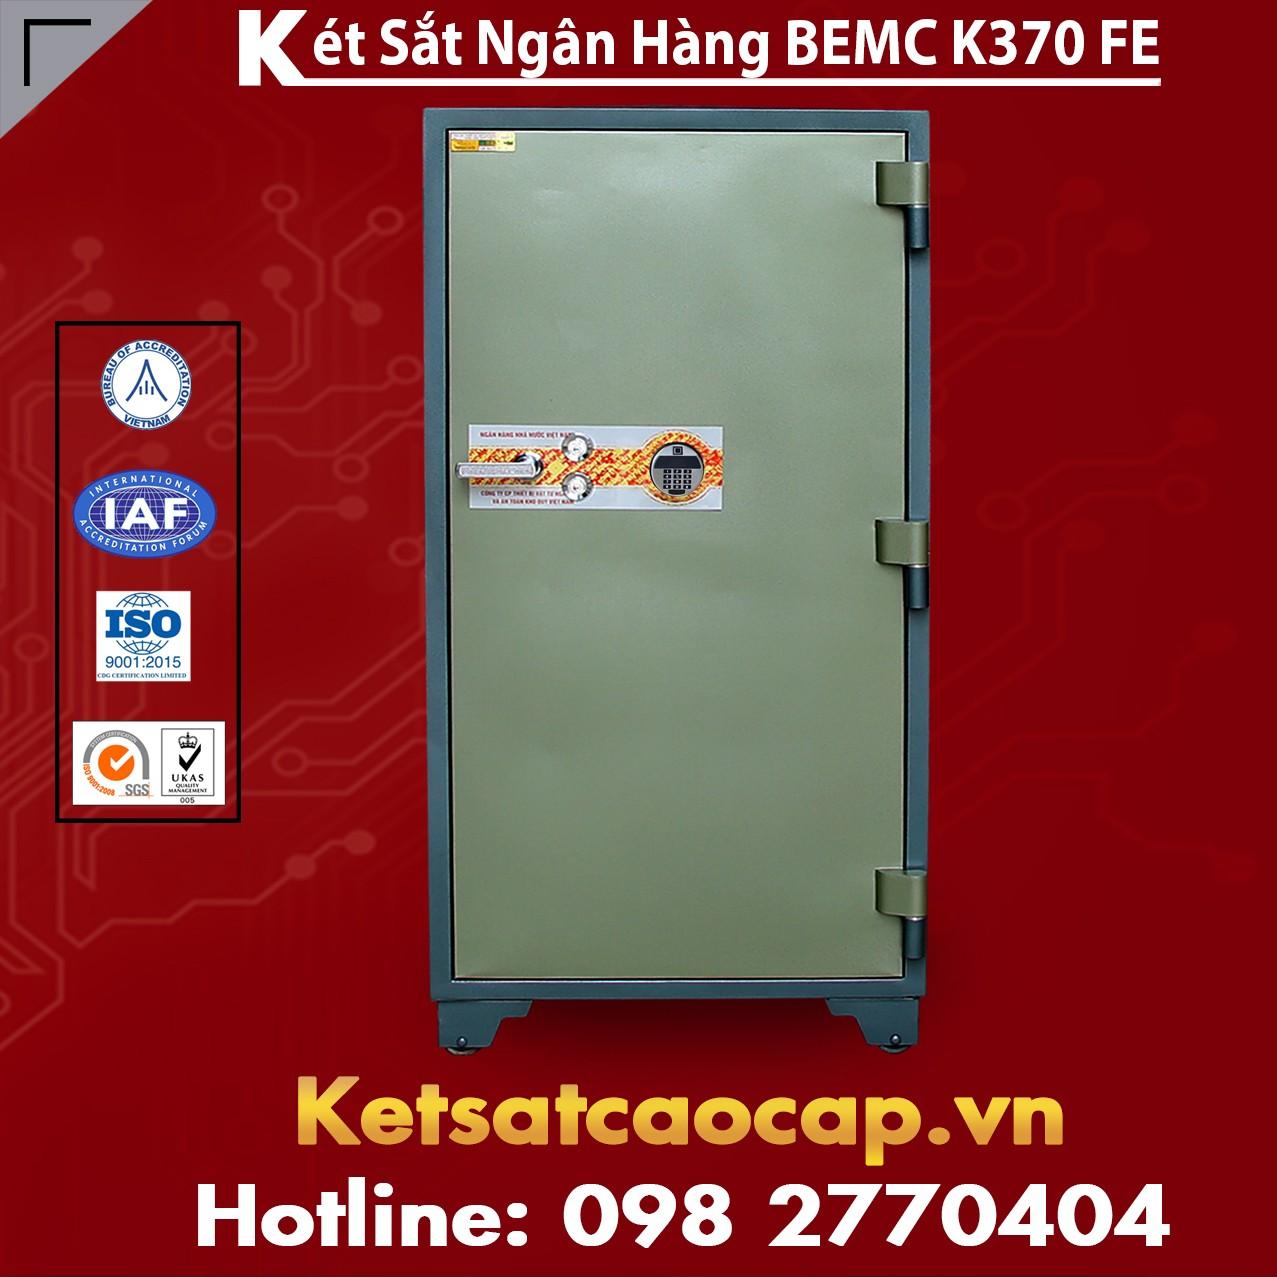 mua két sắt vân tay nhập khẩu Đà Nẵng